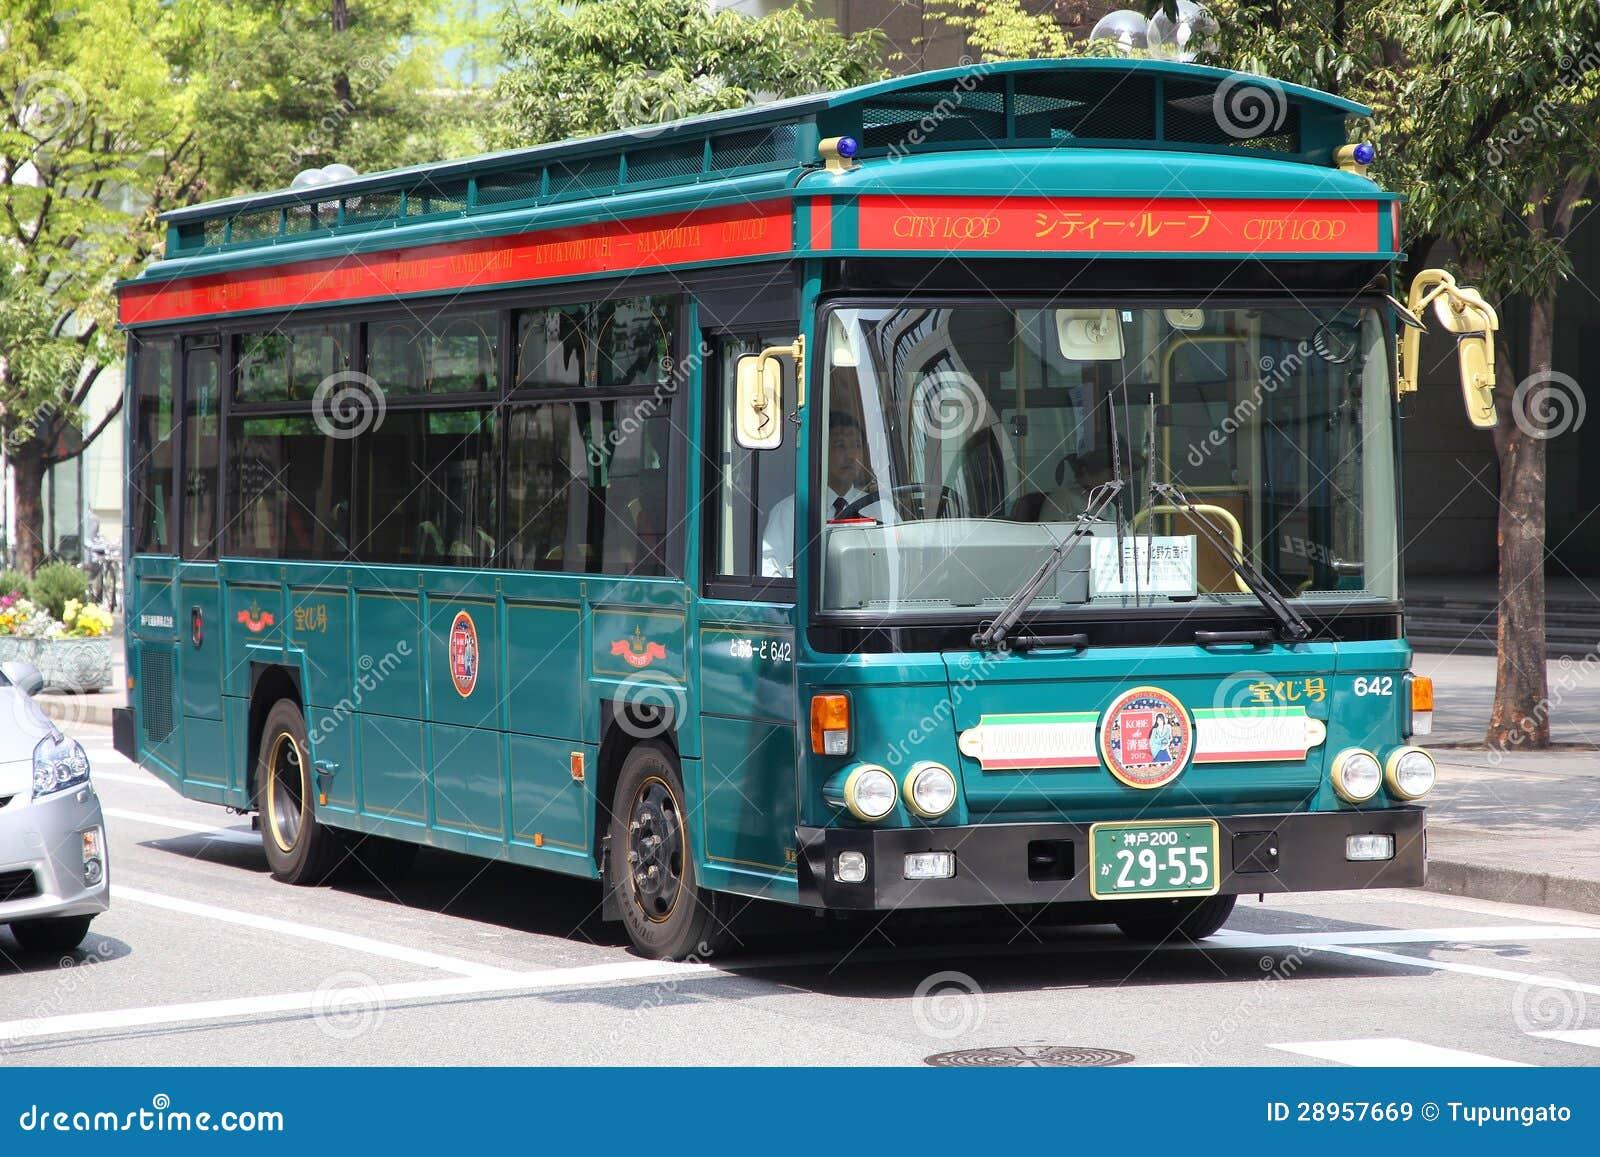 Kobe jawny transport